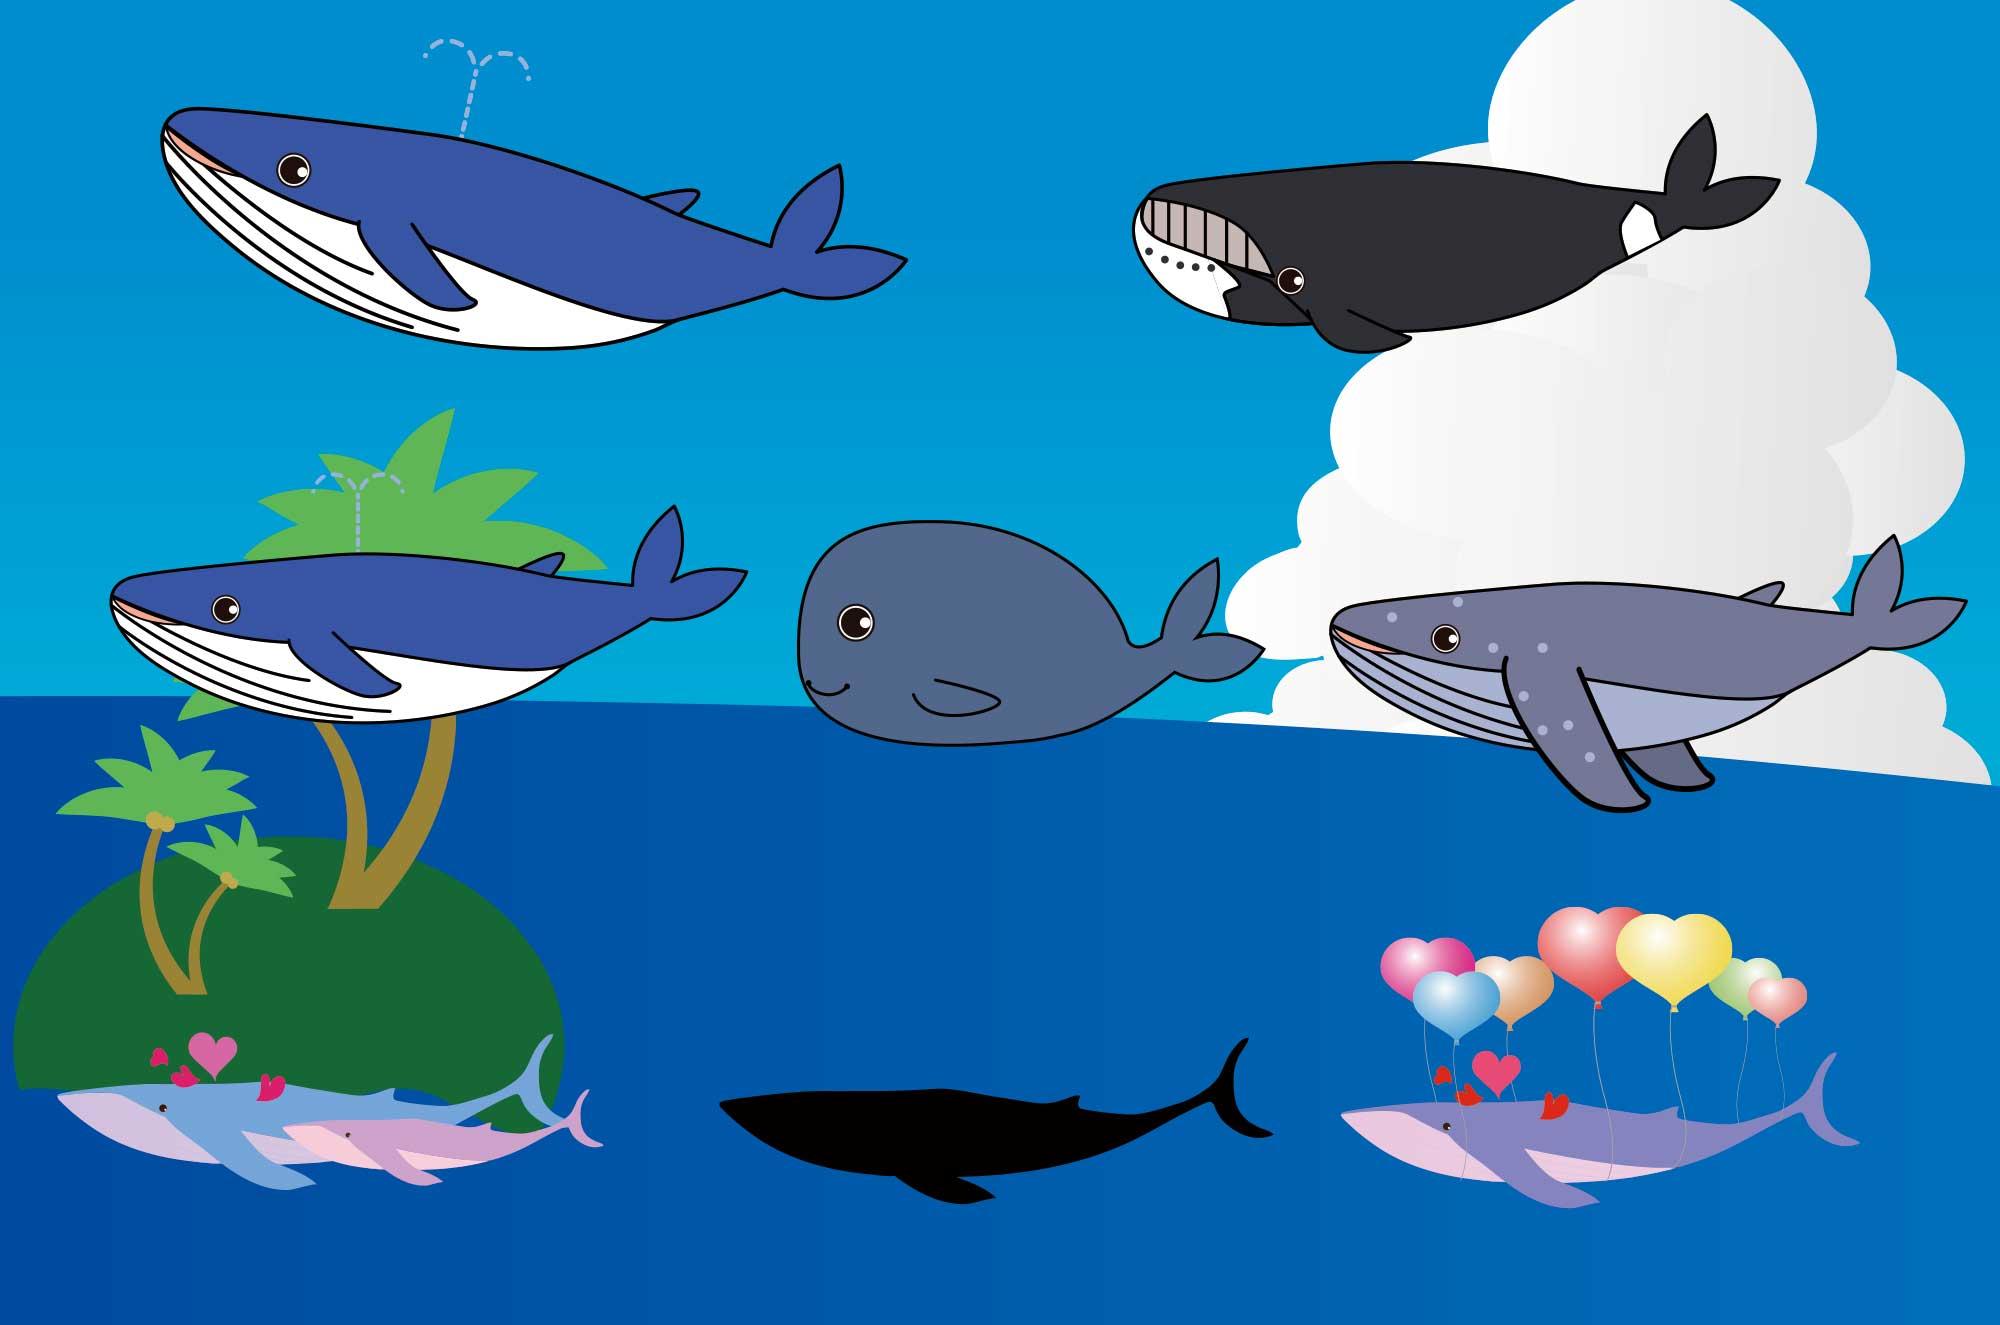 くじらのフリーイラスト  - シンプルで可愛い海の動物素材